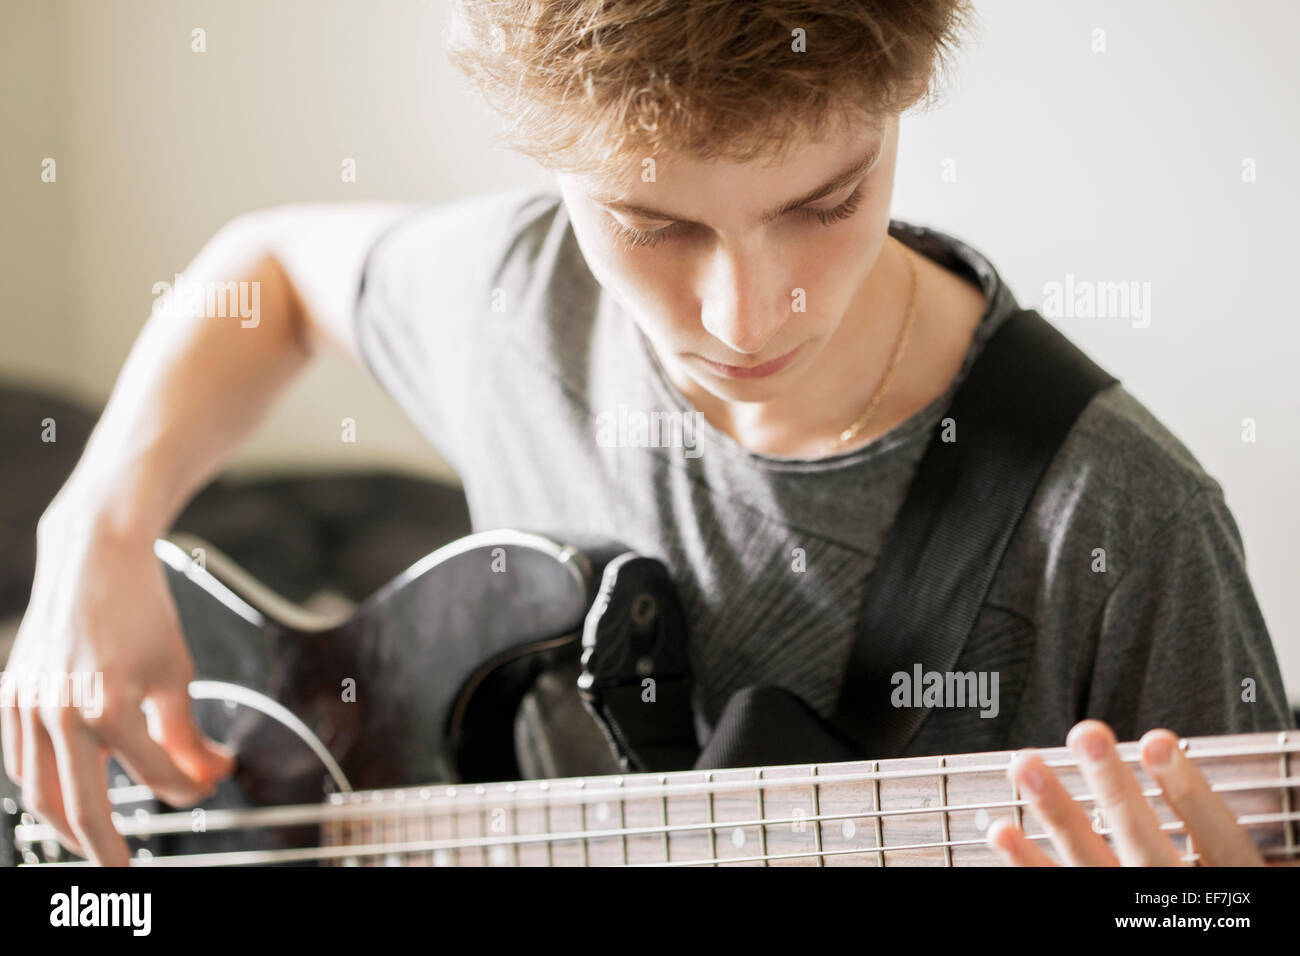 Ragazzo adolescente di suonare una chitarra Immagini Stock